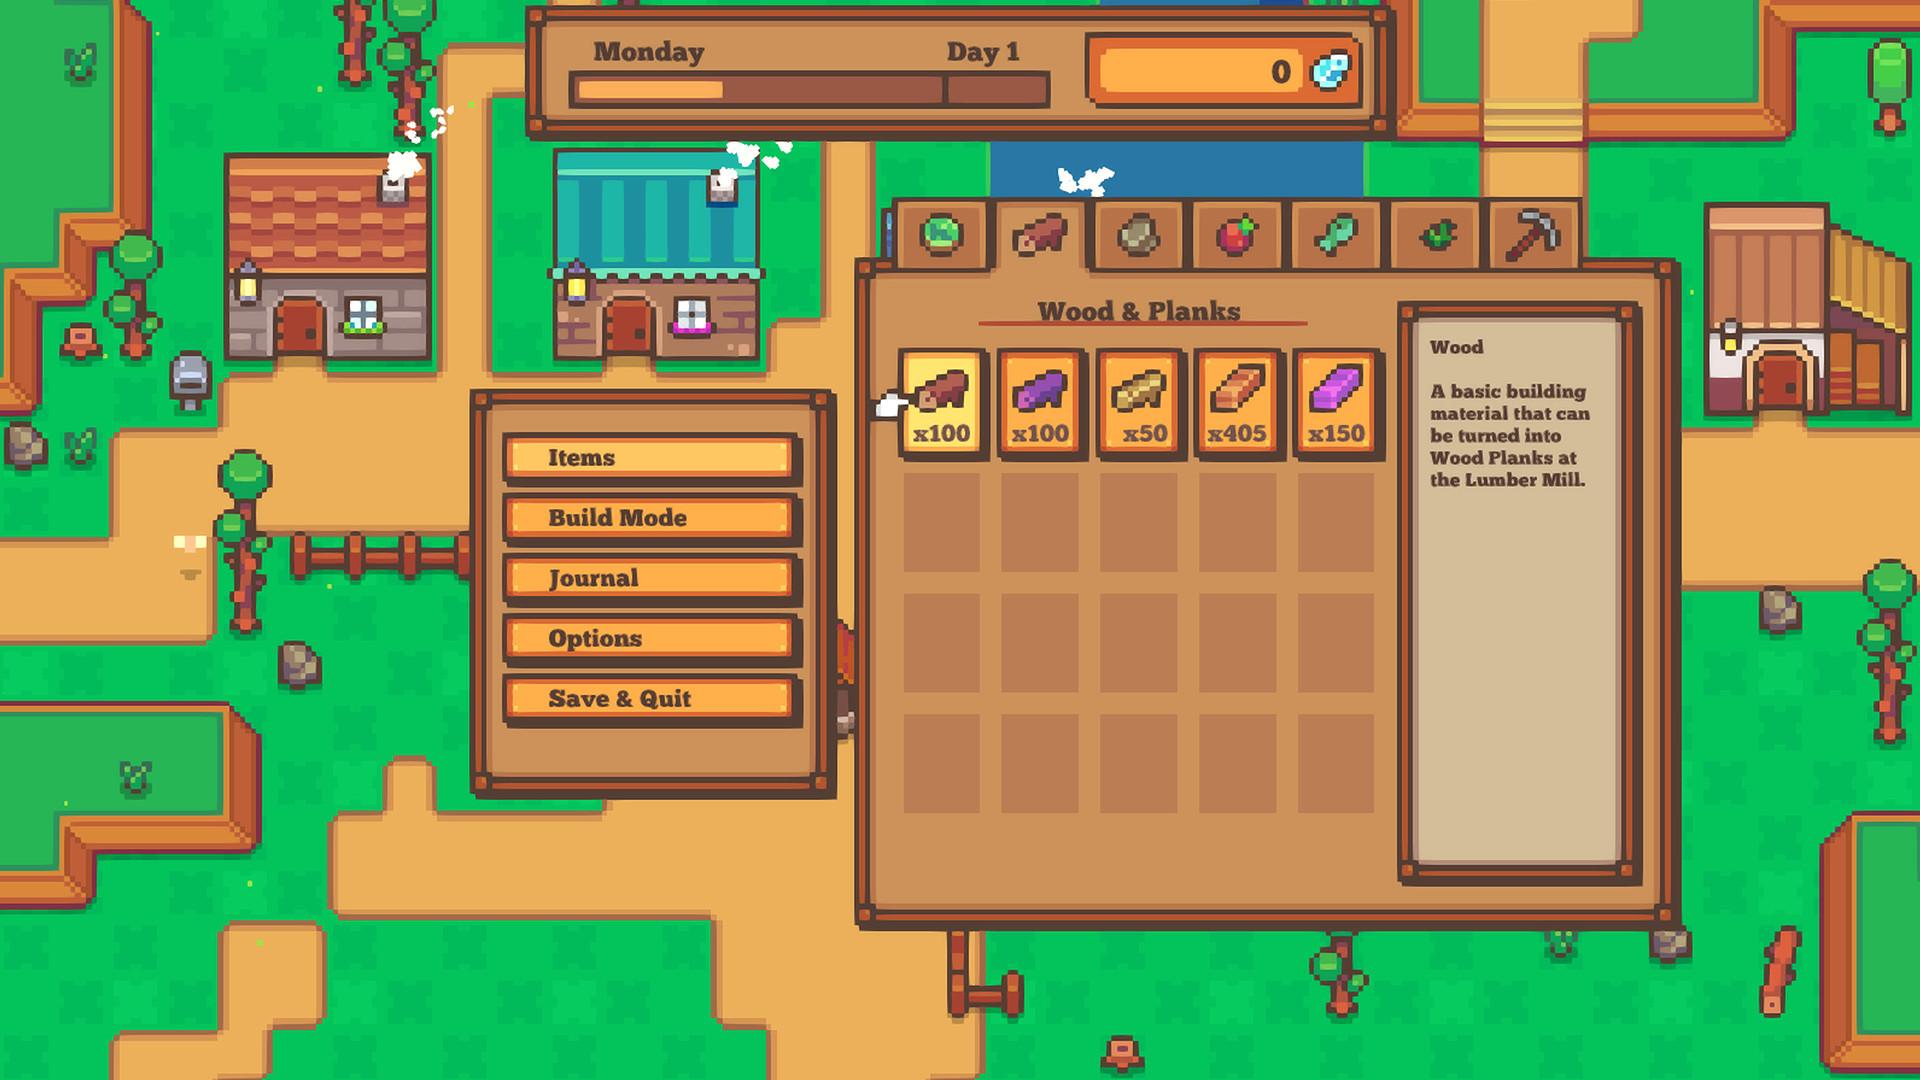 Link Tải Game Littlewood  Miễn Phí Thành Công